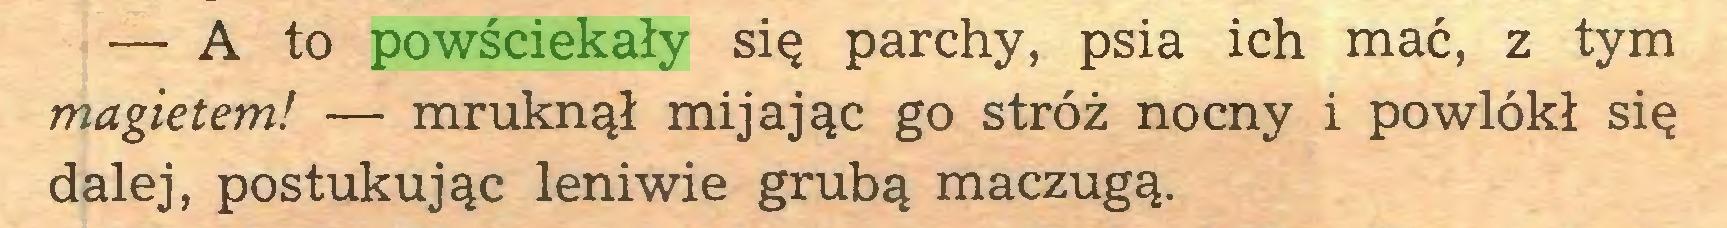 (...) — A to powściekały się parchy, psia ich mać, z tym magietem! — mruknął mijając go stróż nocny i powlókł się dalej, postukując leniwie grubą maczugą...